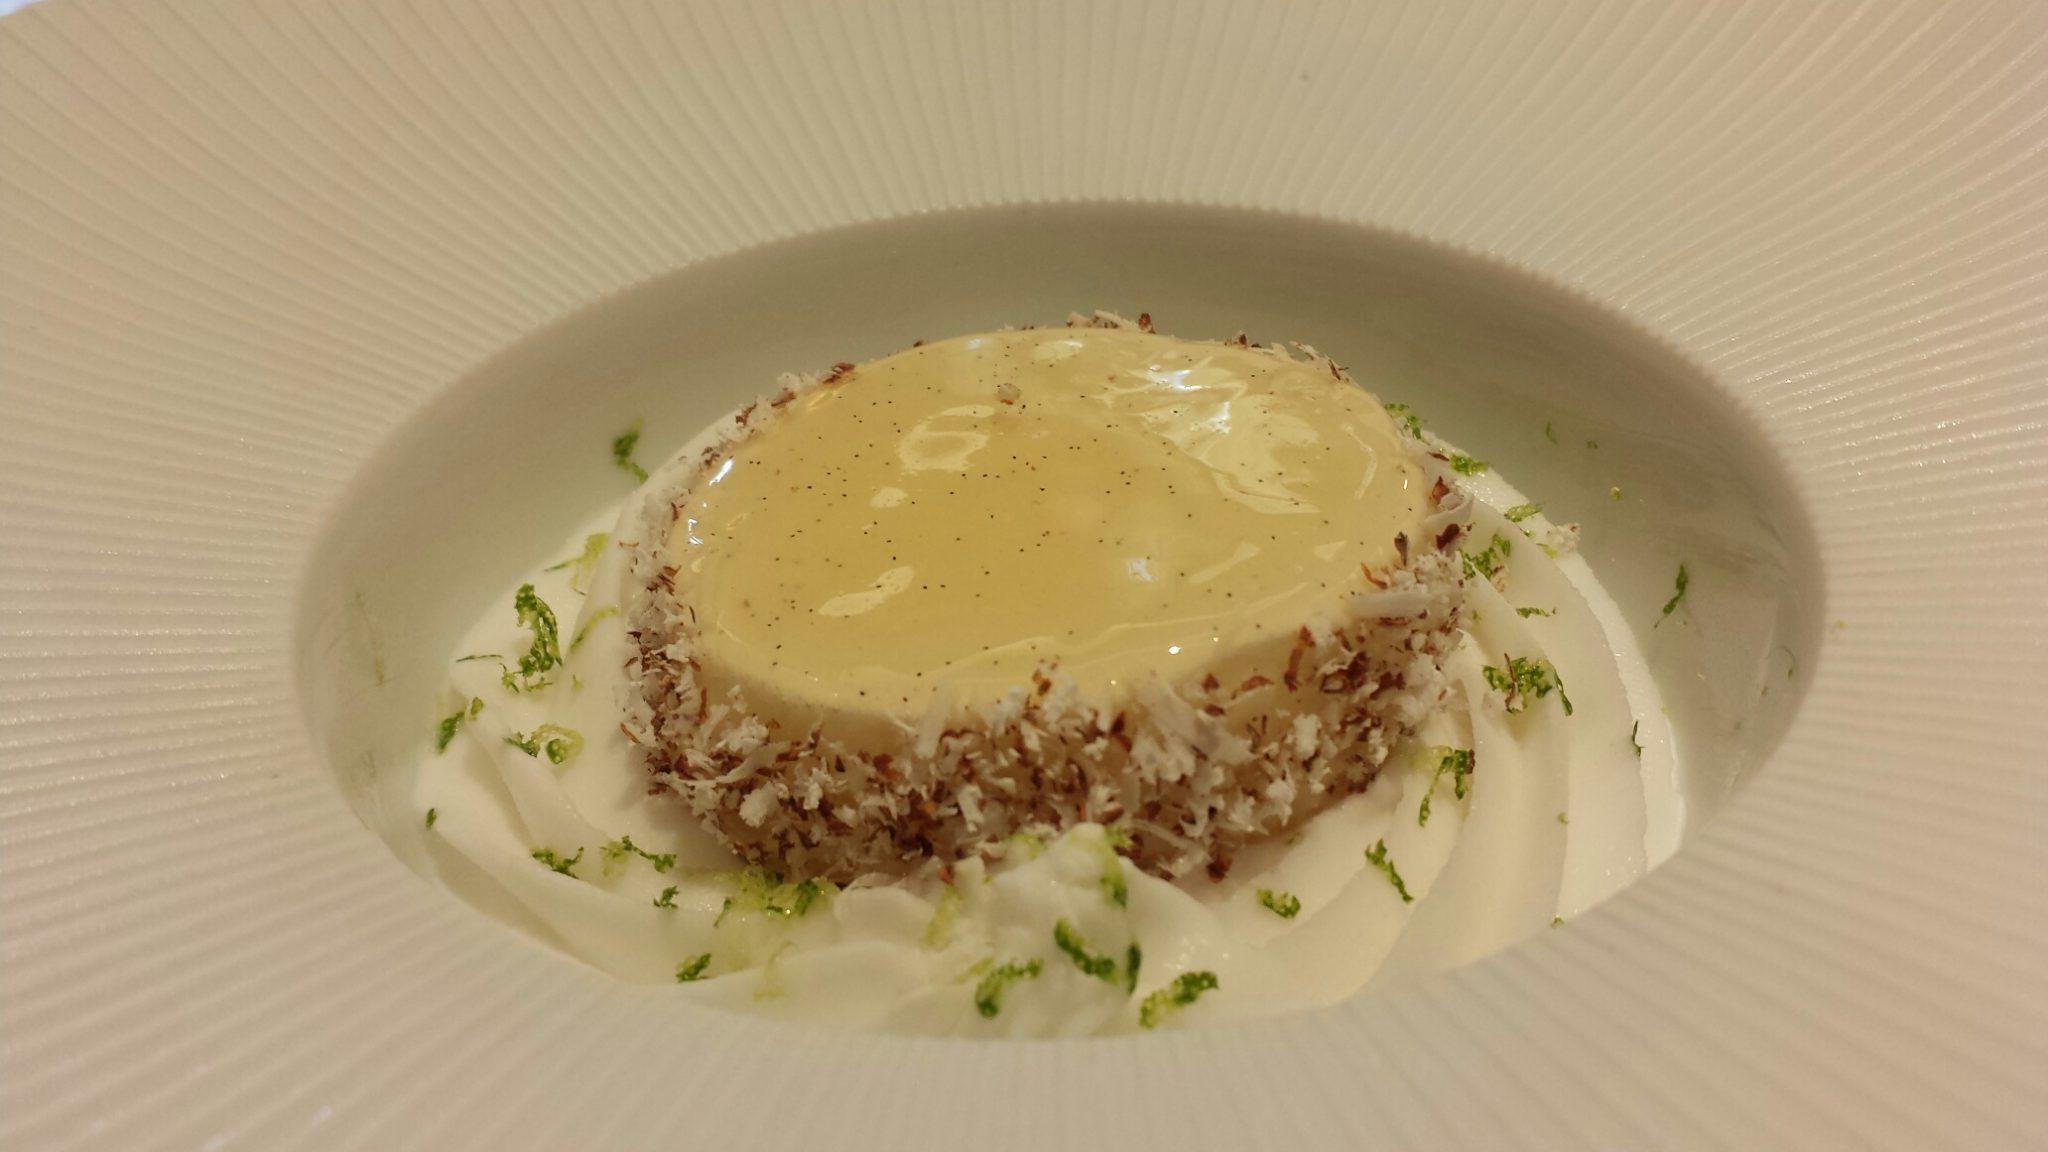 Crème citron, sorbet citron-coco, meringue croquante, dacquoise aux noix_© Clémence Rouyer